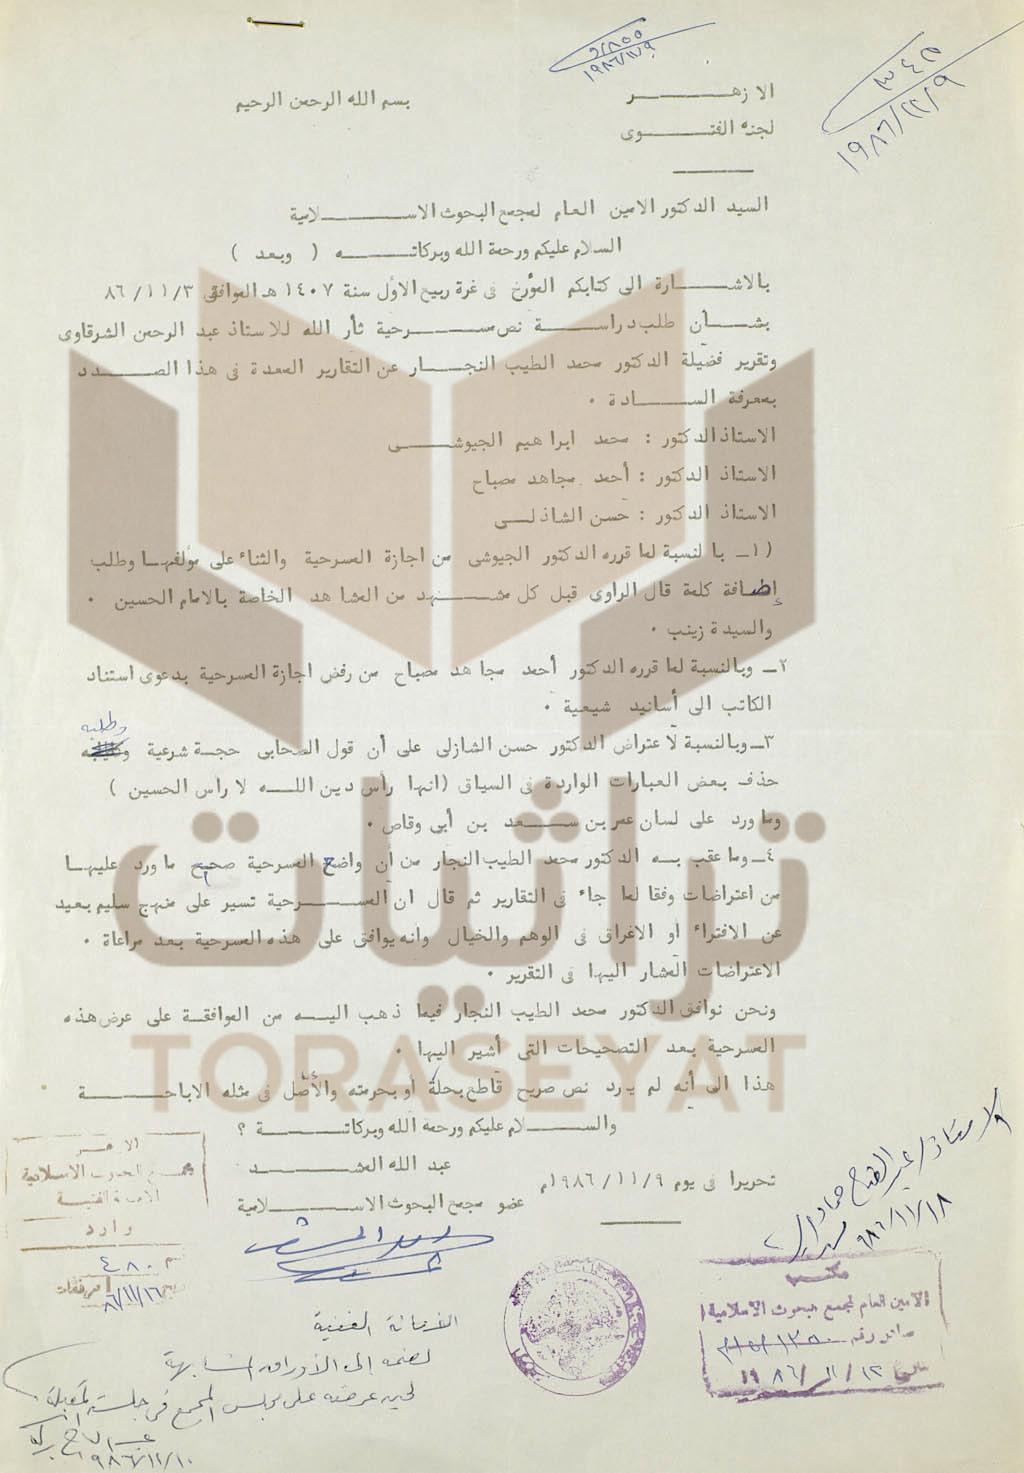 الأزهر يوافق على عرض مسرحية ثأر الله سنة 1986 م